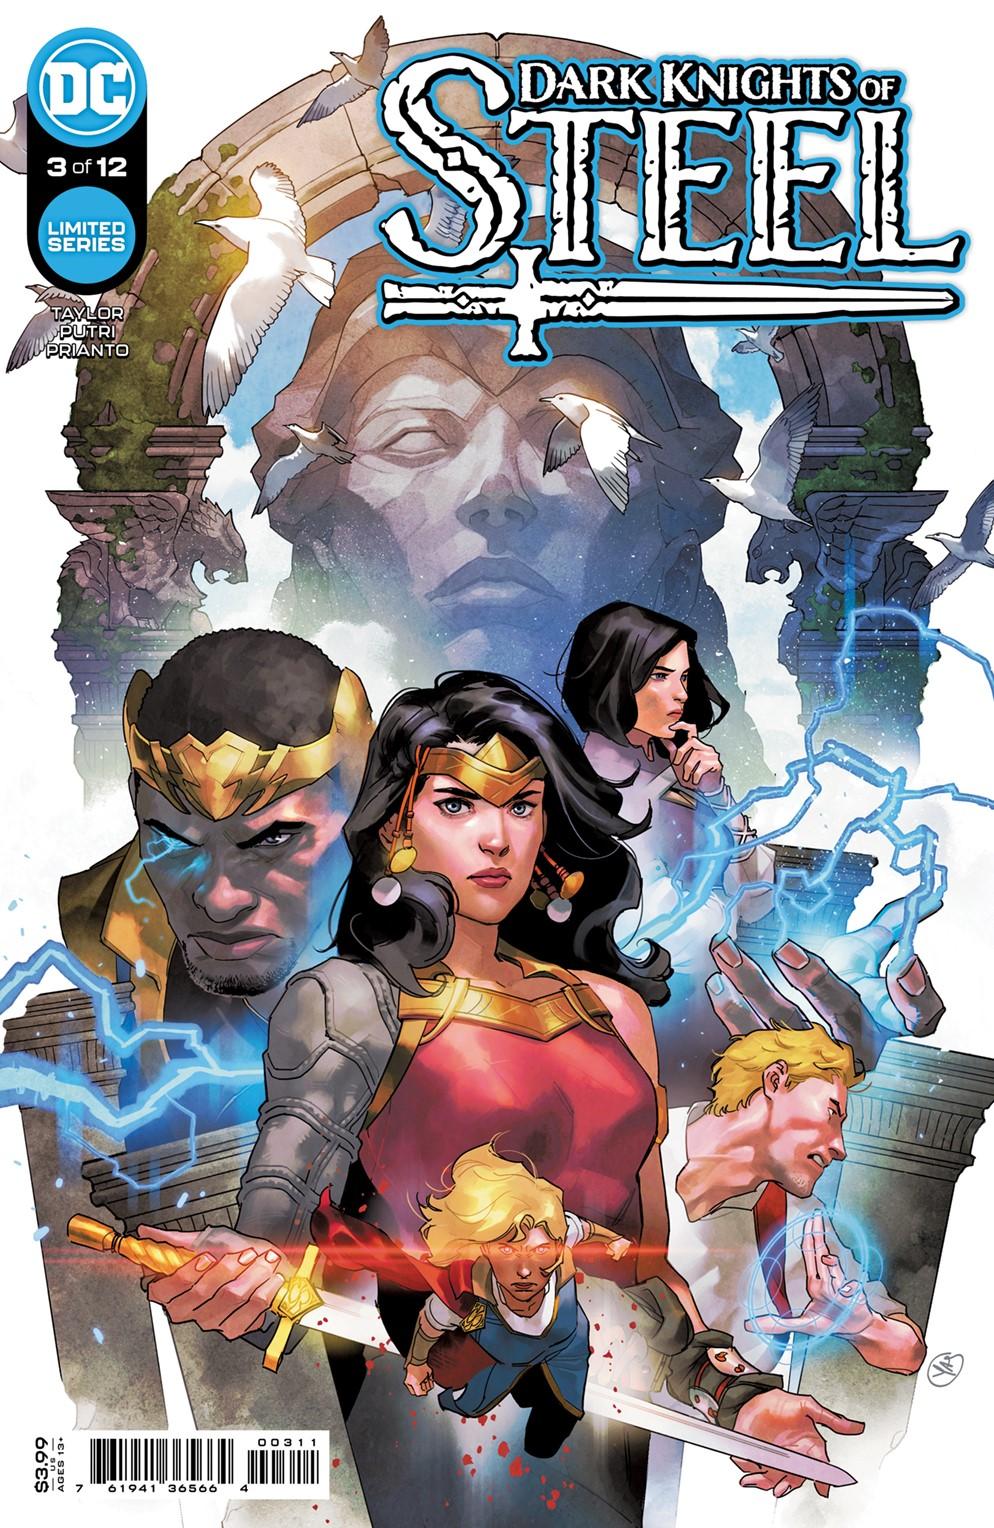 DKoS_Cv3 DC Comics December 2021 Solicitations